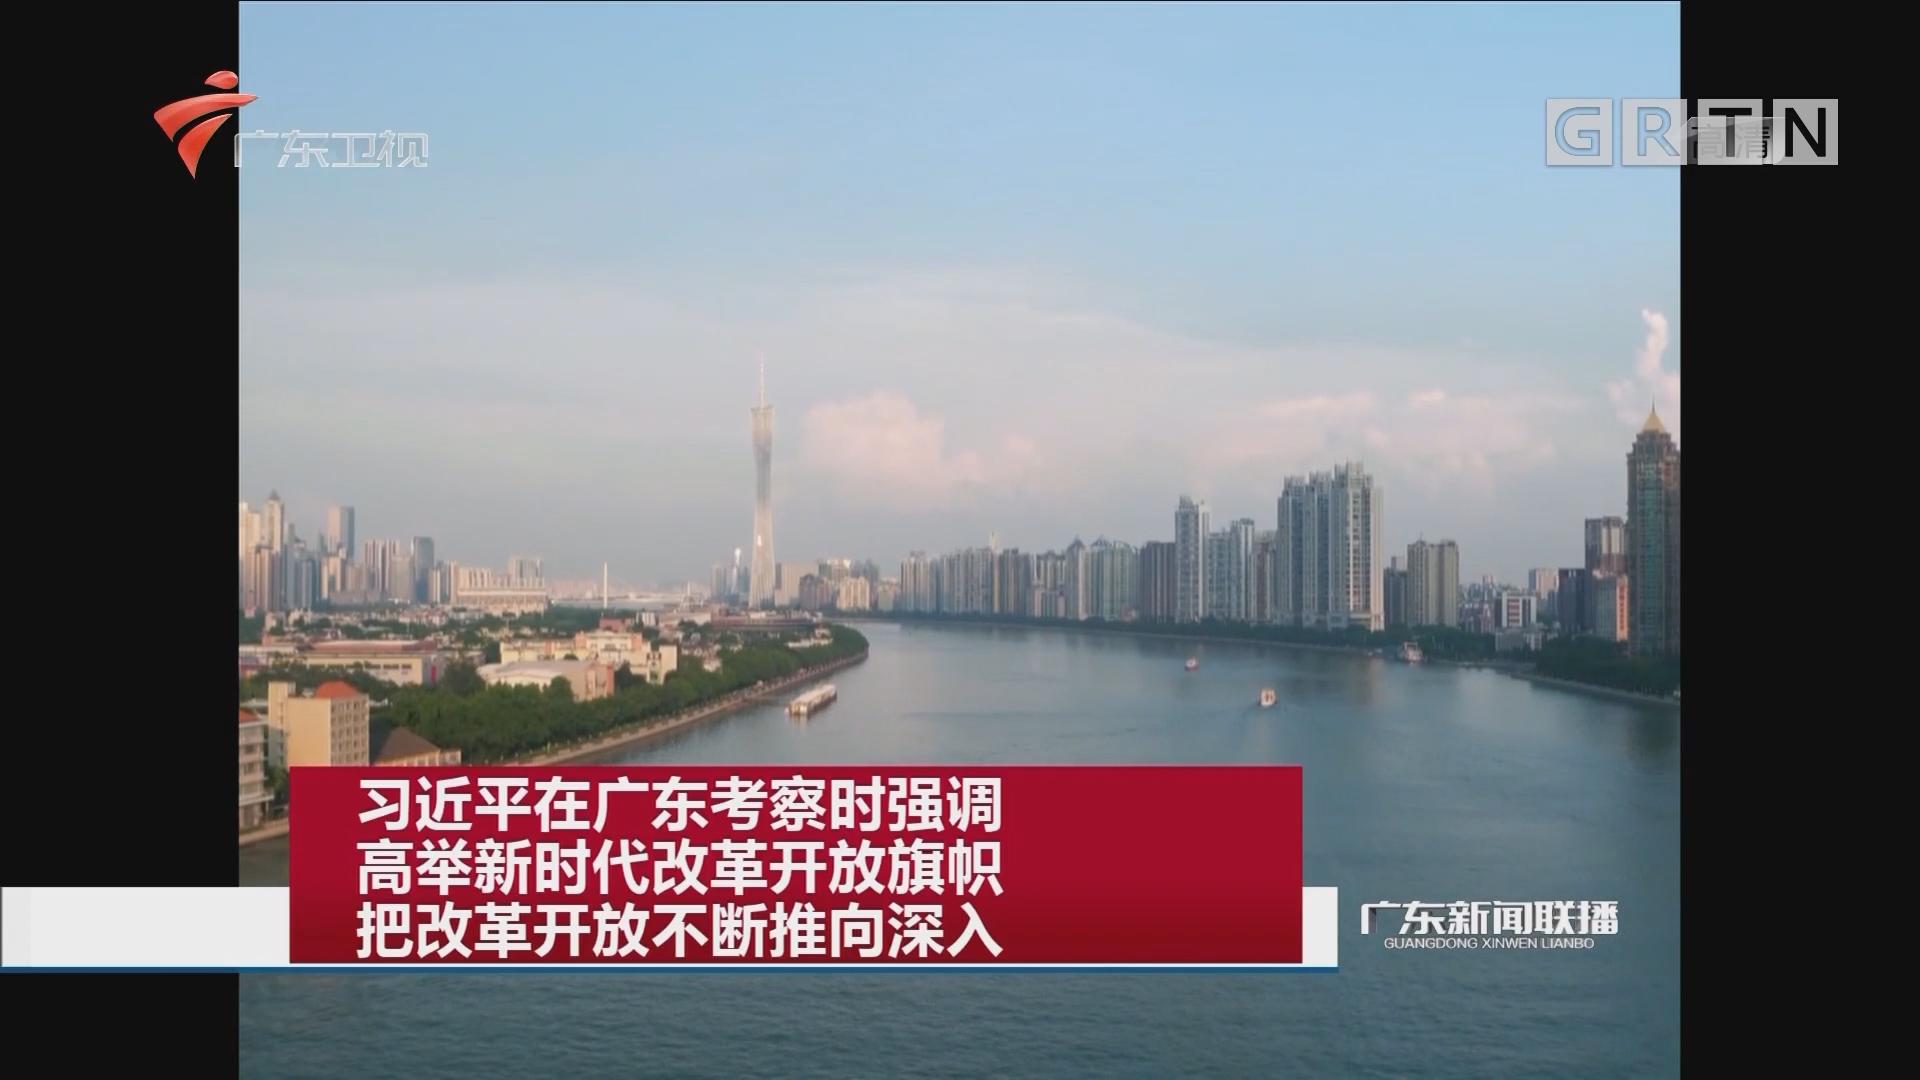 习近平在广东考察时强调 高举新时代改革开放旗帜 把改革开放不断推向深入